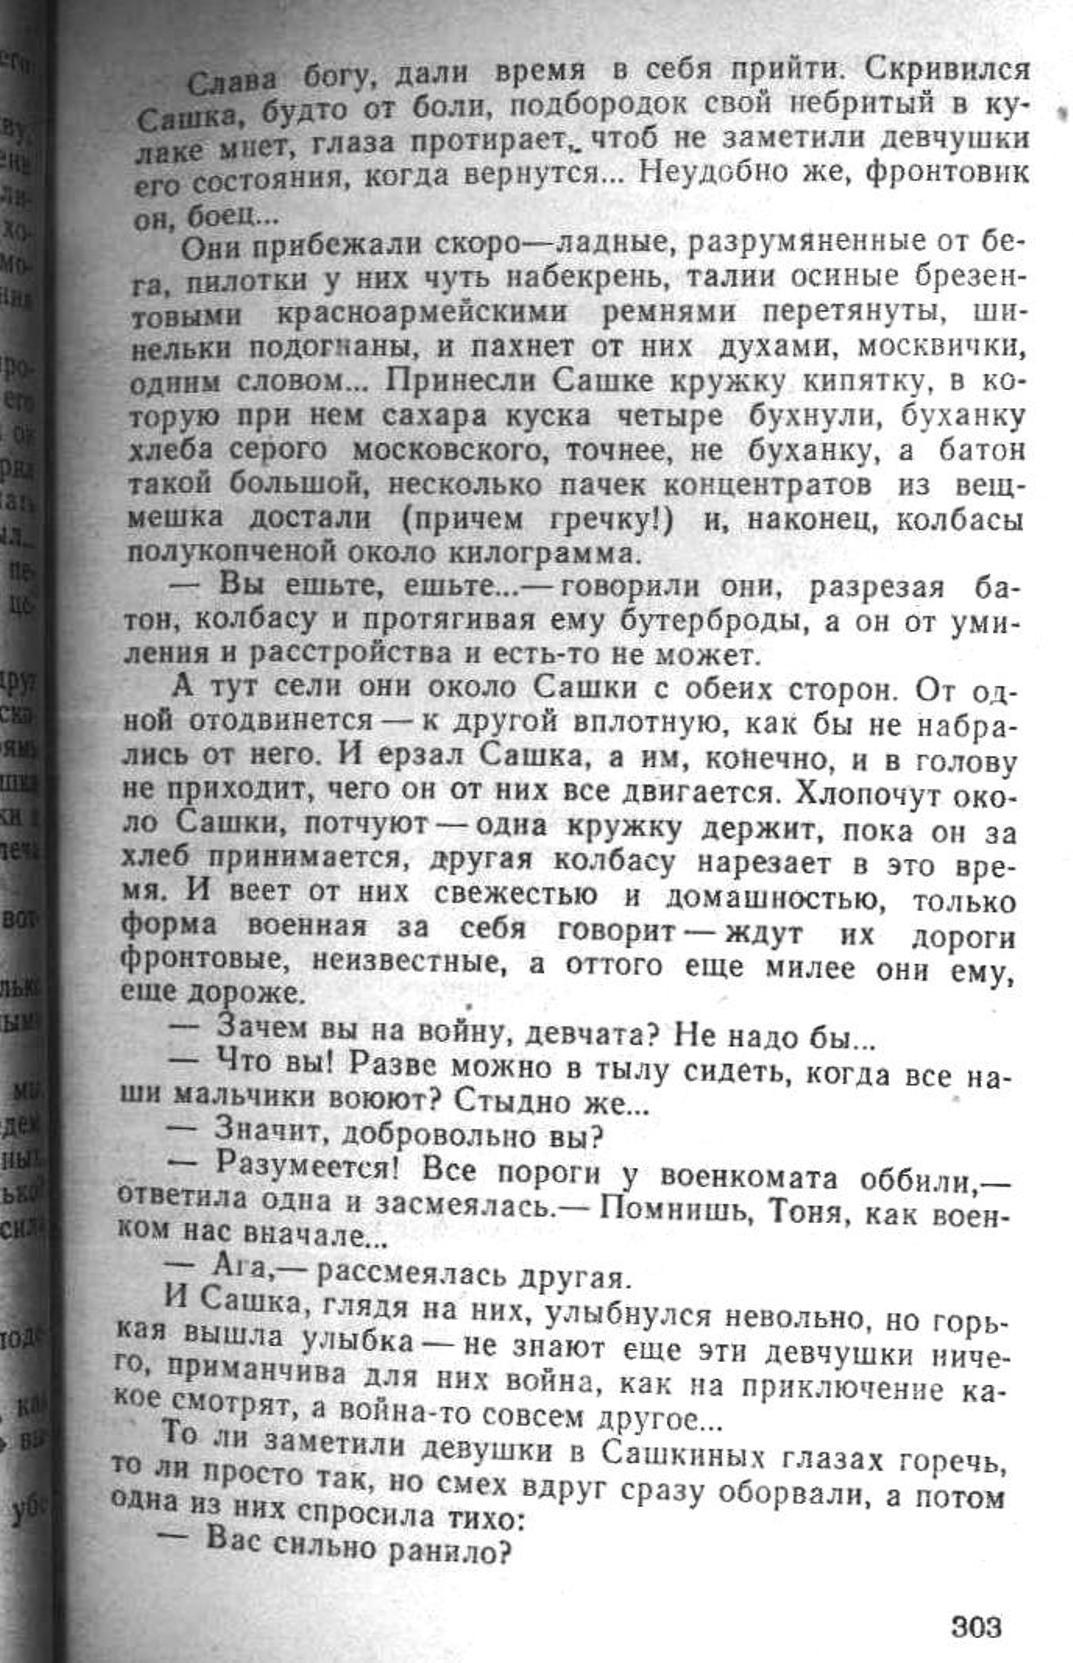 Сашка. Повесть. Вячеслав Кондратьев. 019. 006